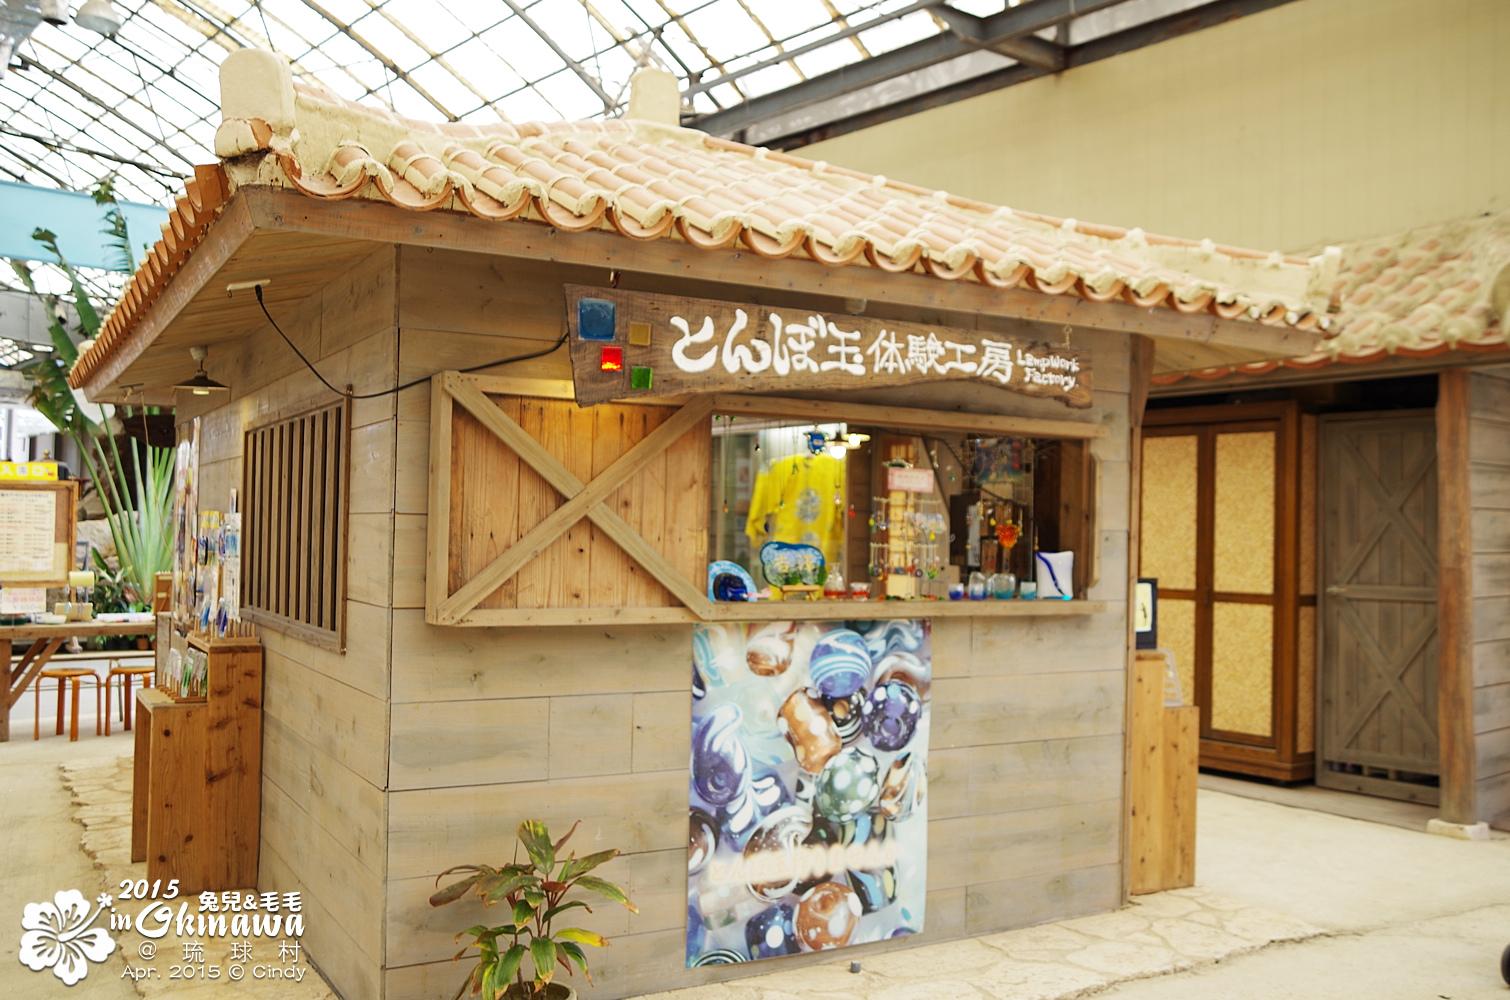 2015-0407-琉球村-05.jpg